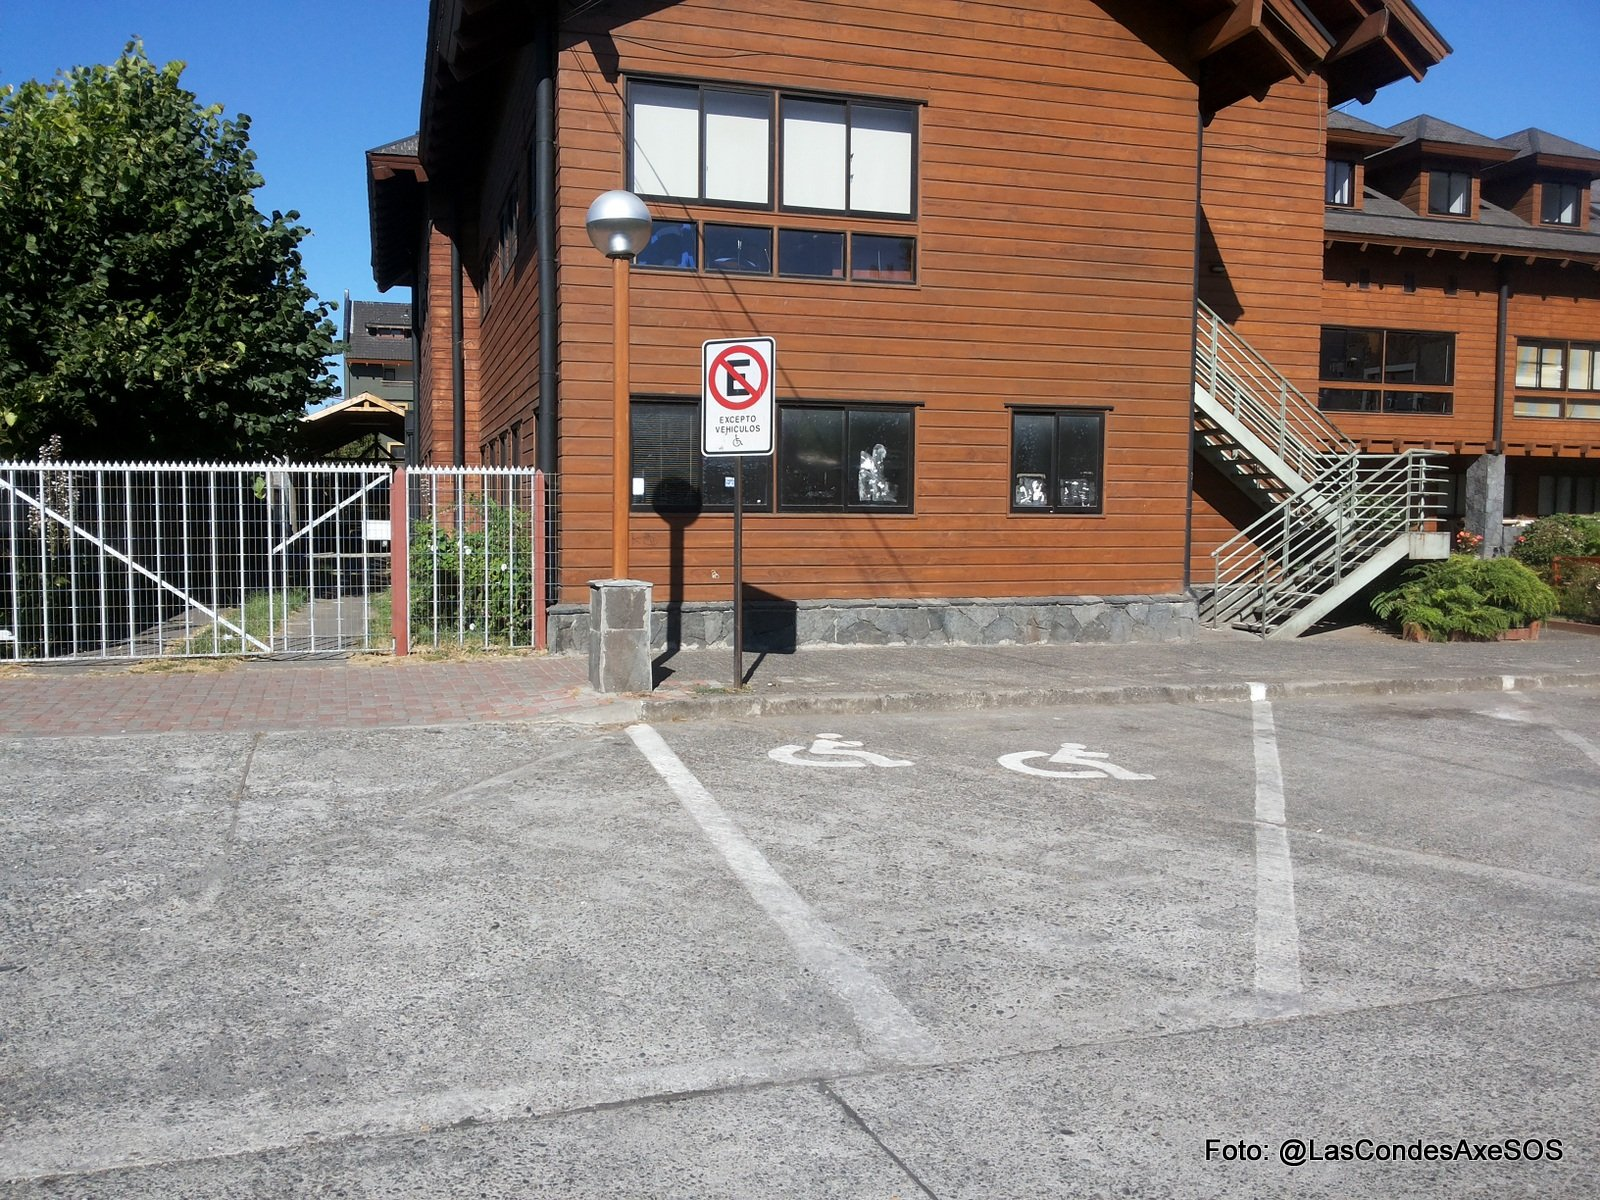 Fotos de estacionamientos para pcd que incumplen normativa de diseño